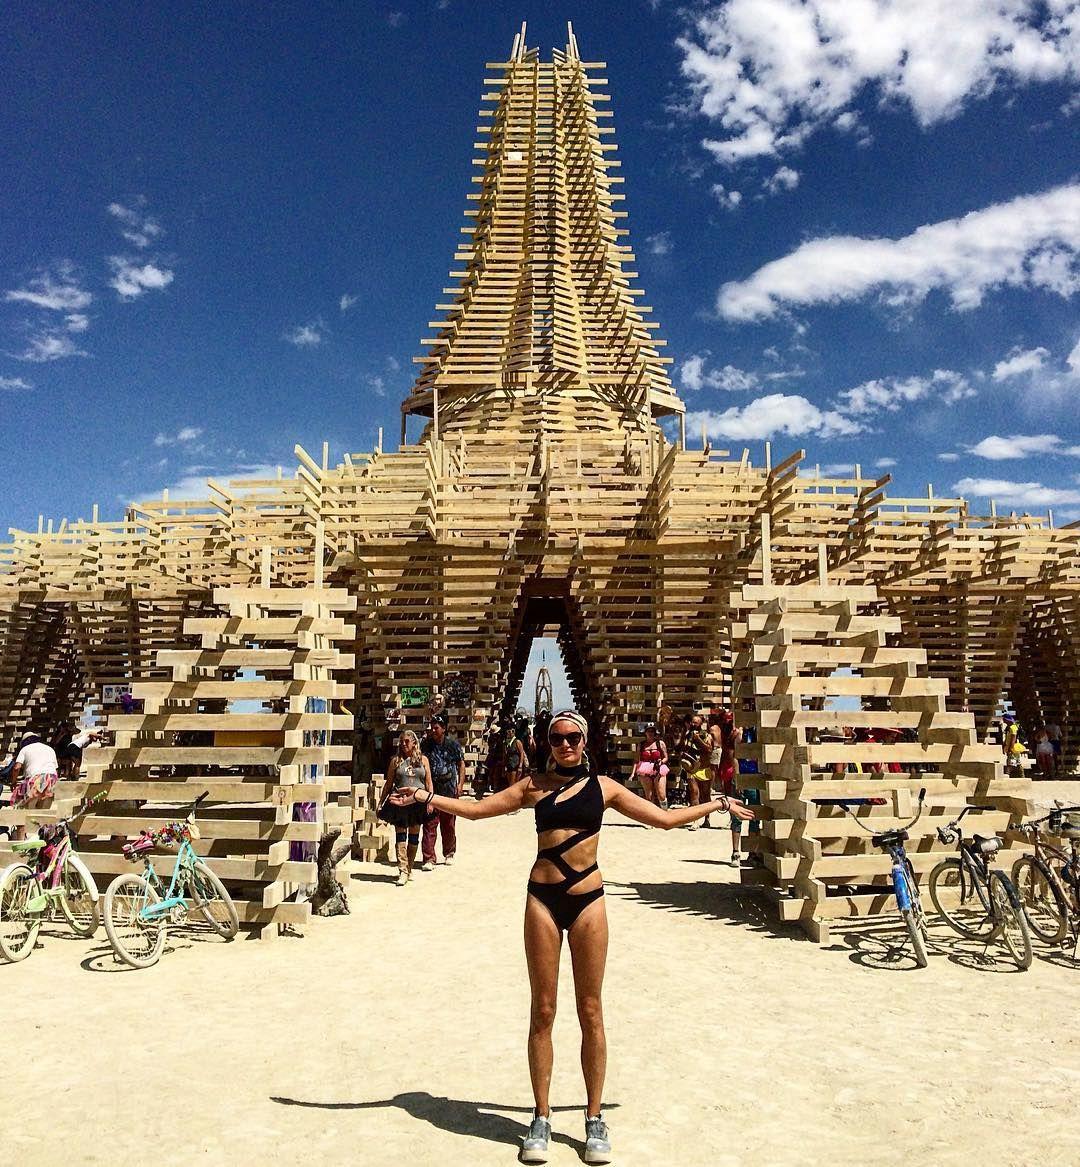 Пилюка, голі тіла та сучасне мистецтво: круті фото з фестивалю Burning Man 2017 - фото 336400